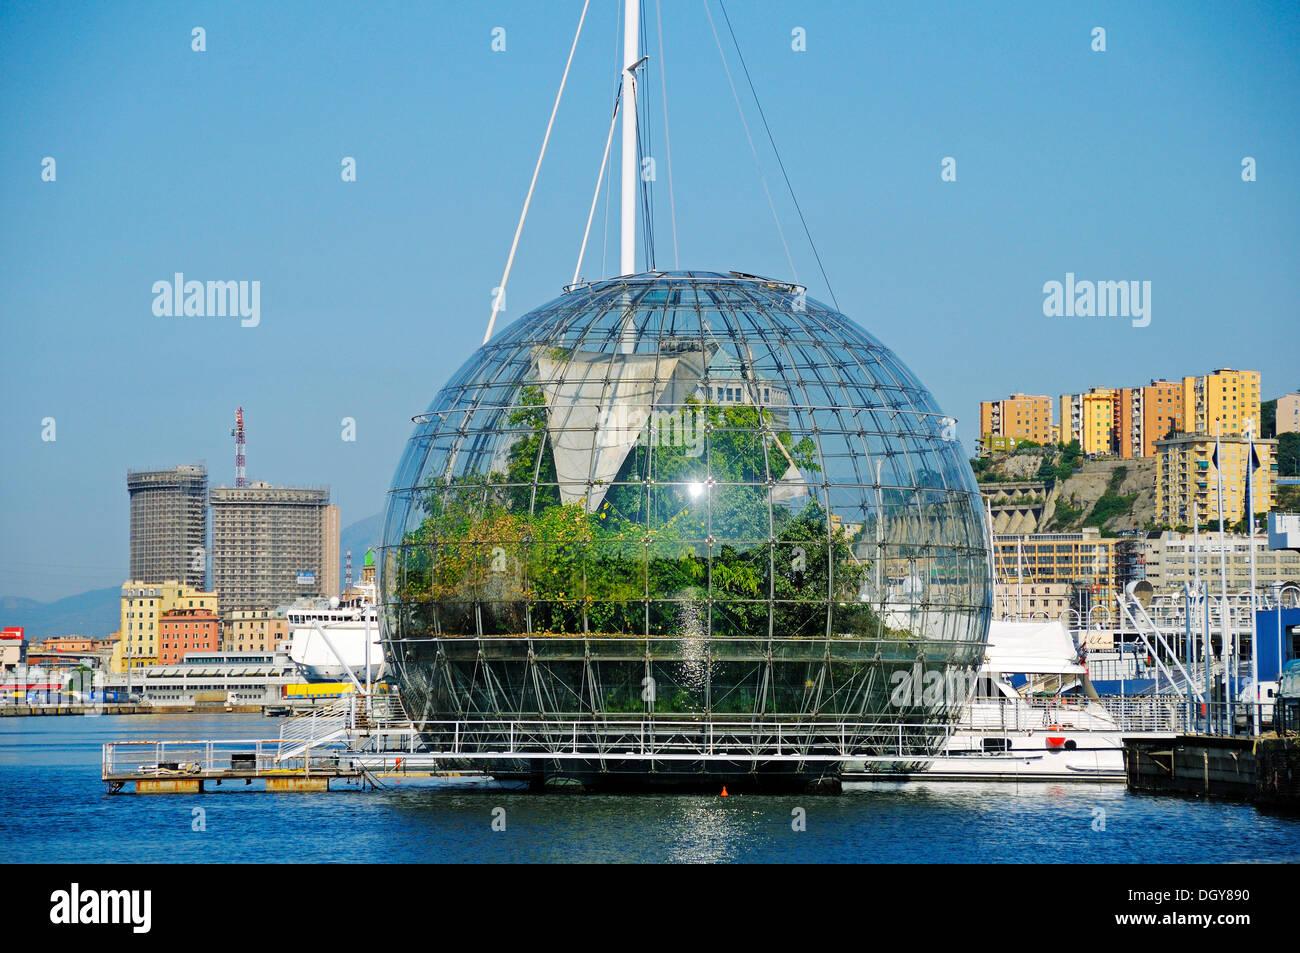 Verre Biosfera sphère avec un écosystème de forêt tropicale, Porto Antico, Vieux Port, Gênes, Ligurie, Italie, Europe Photo Stock